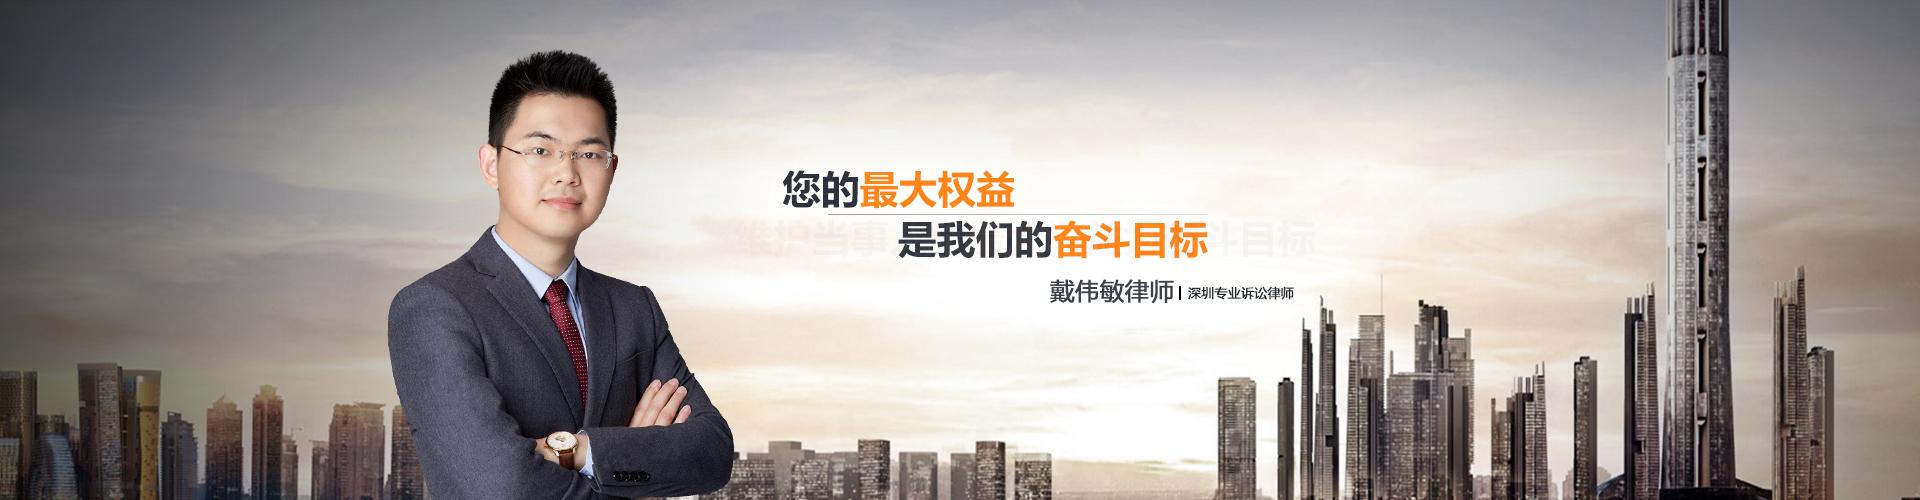 广东戴伟敏律师